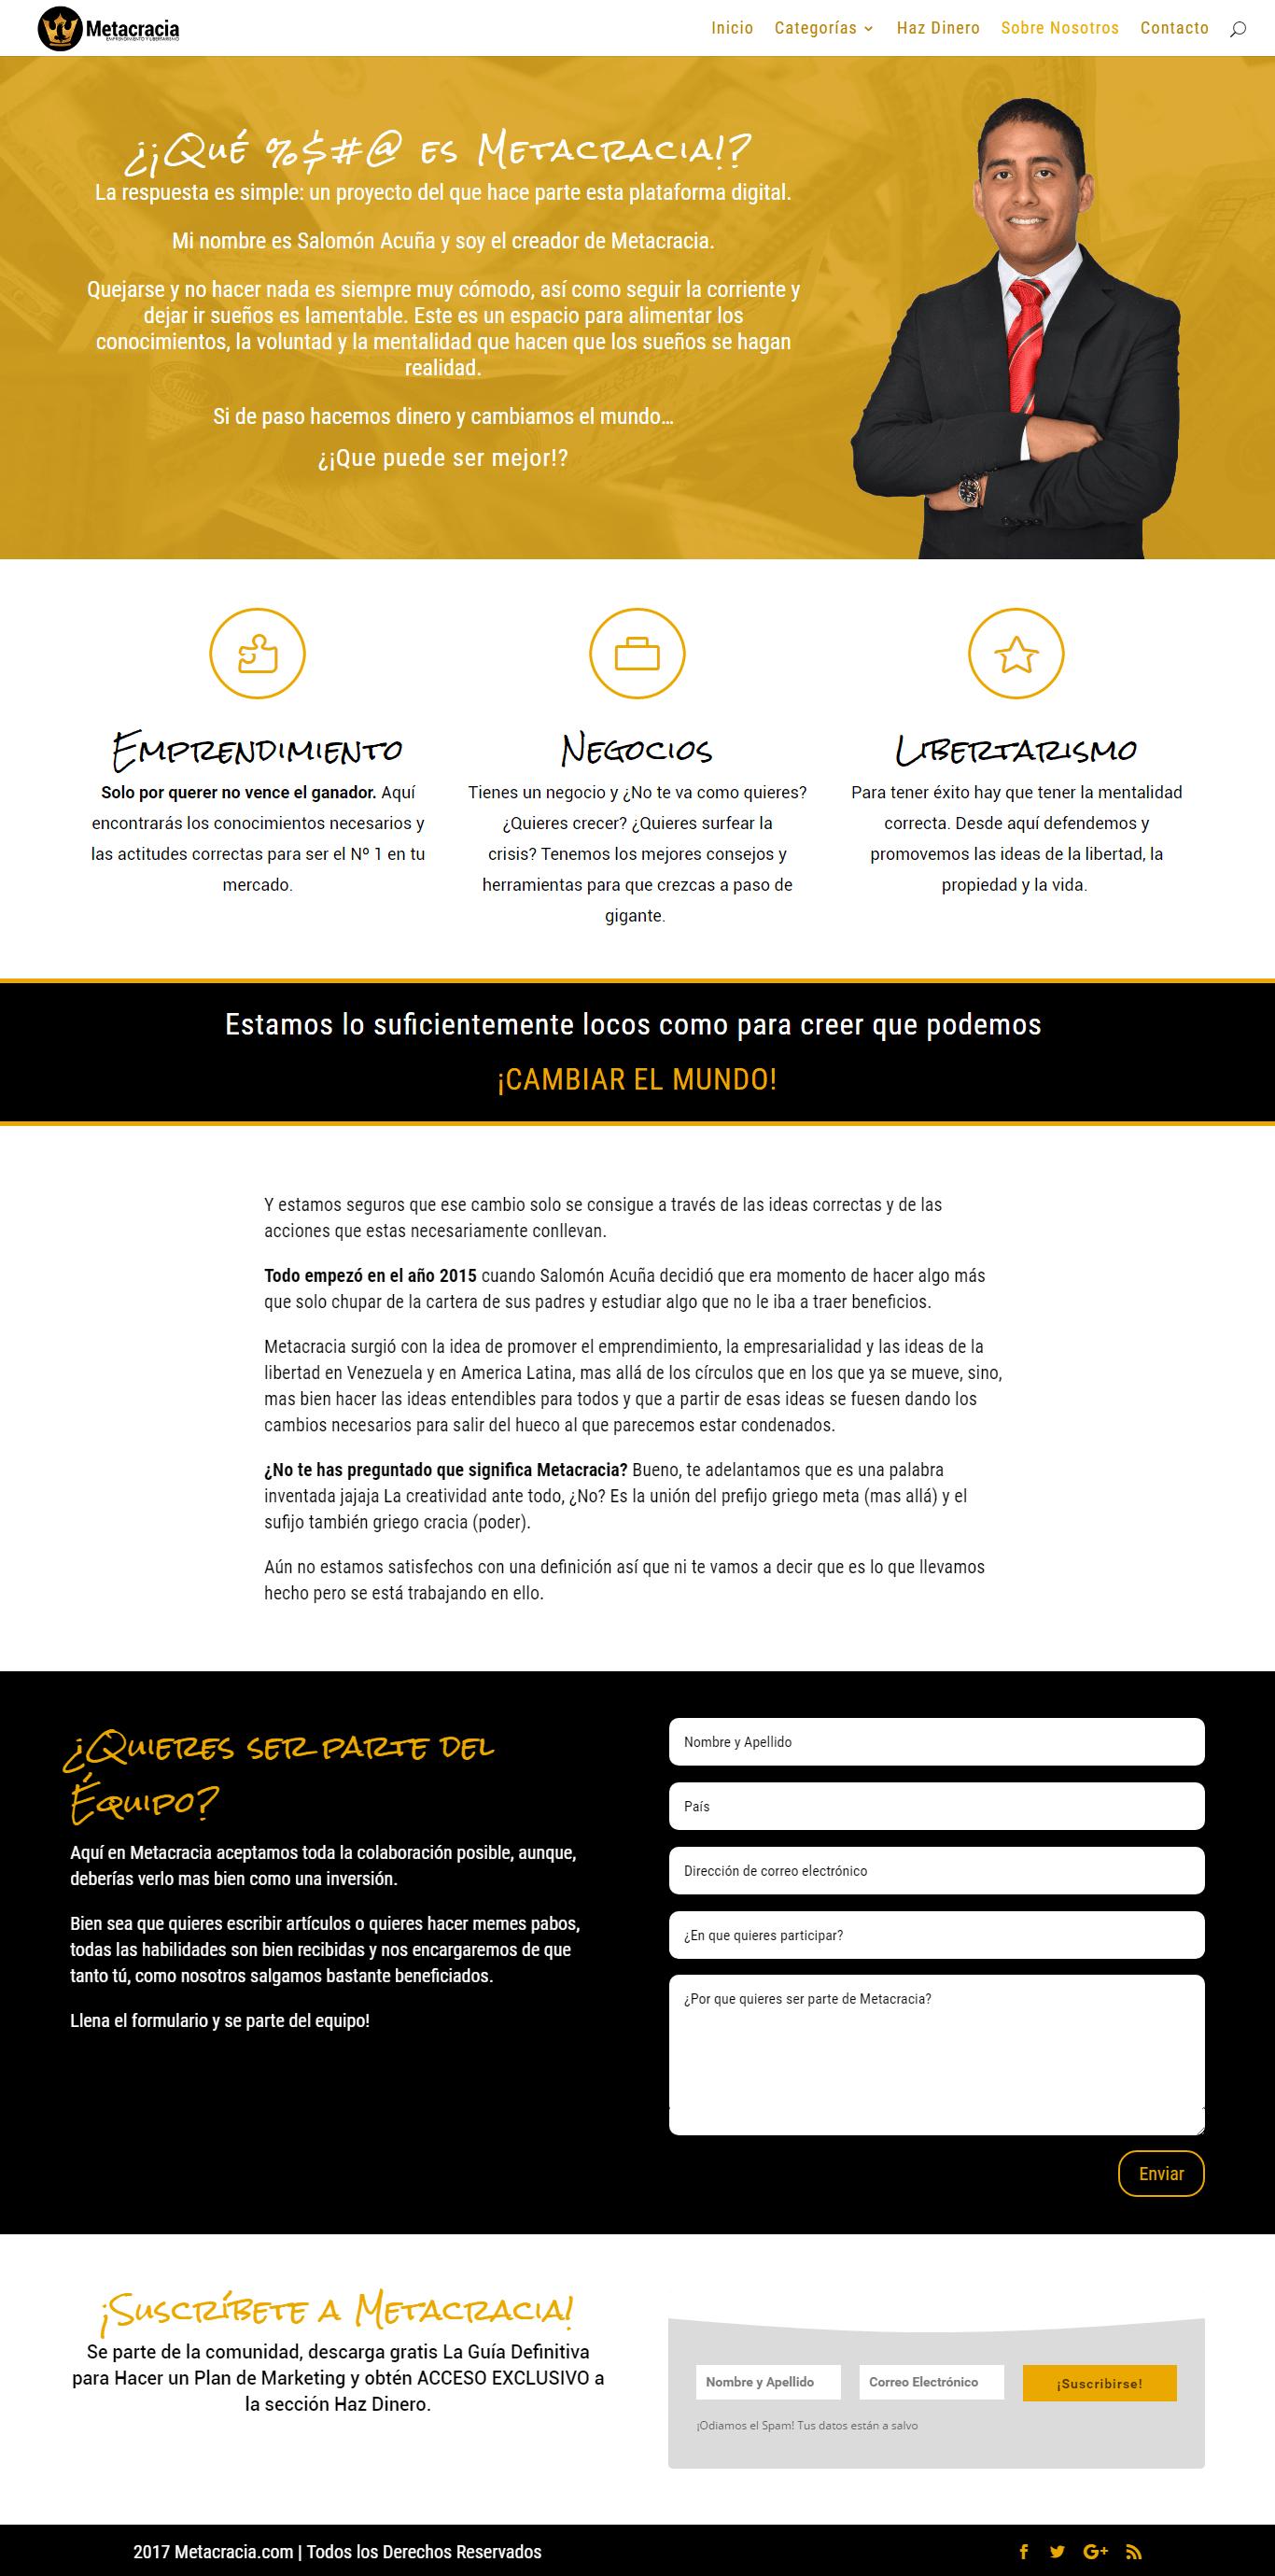 Metacracia.com 2